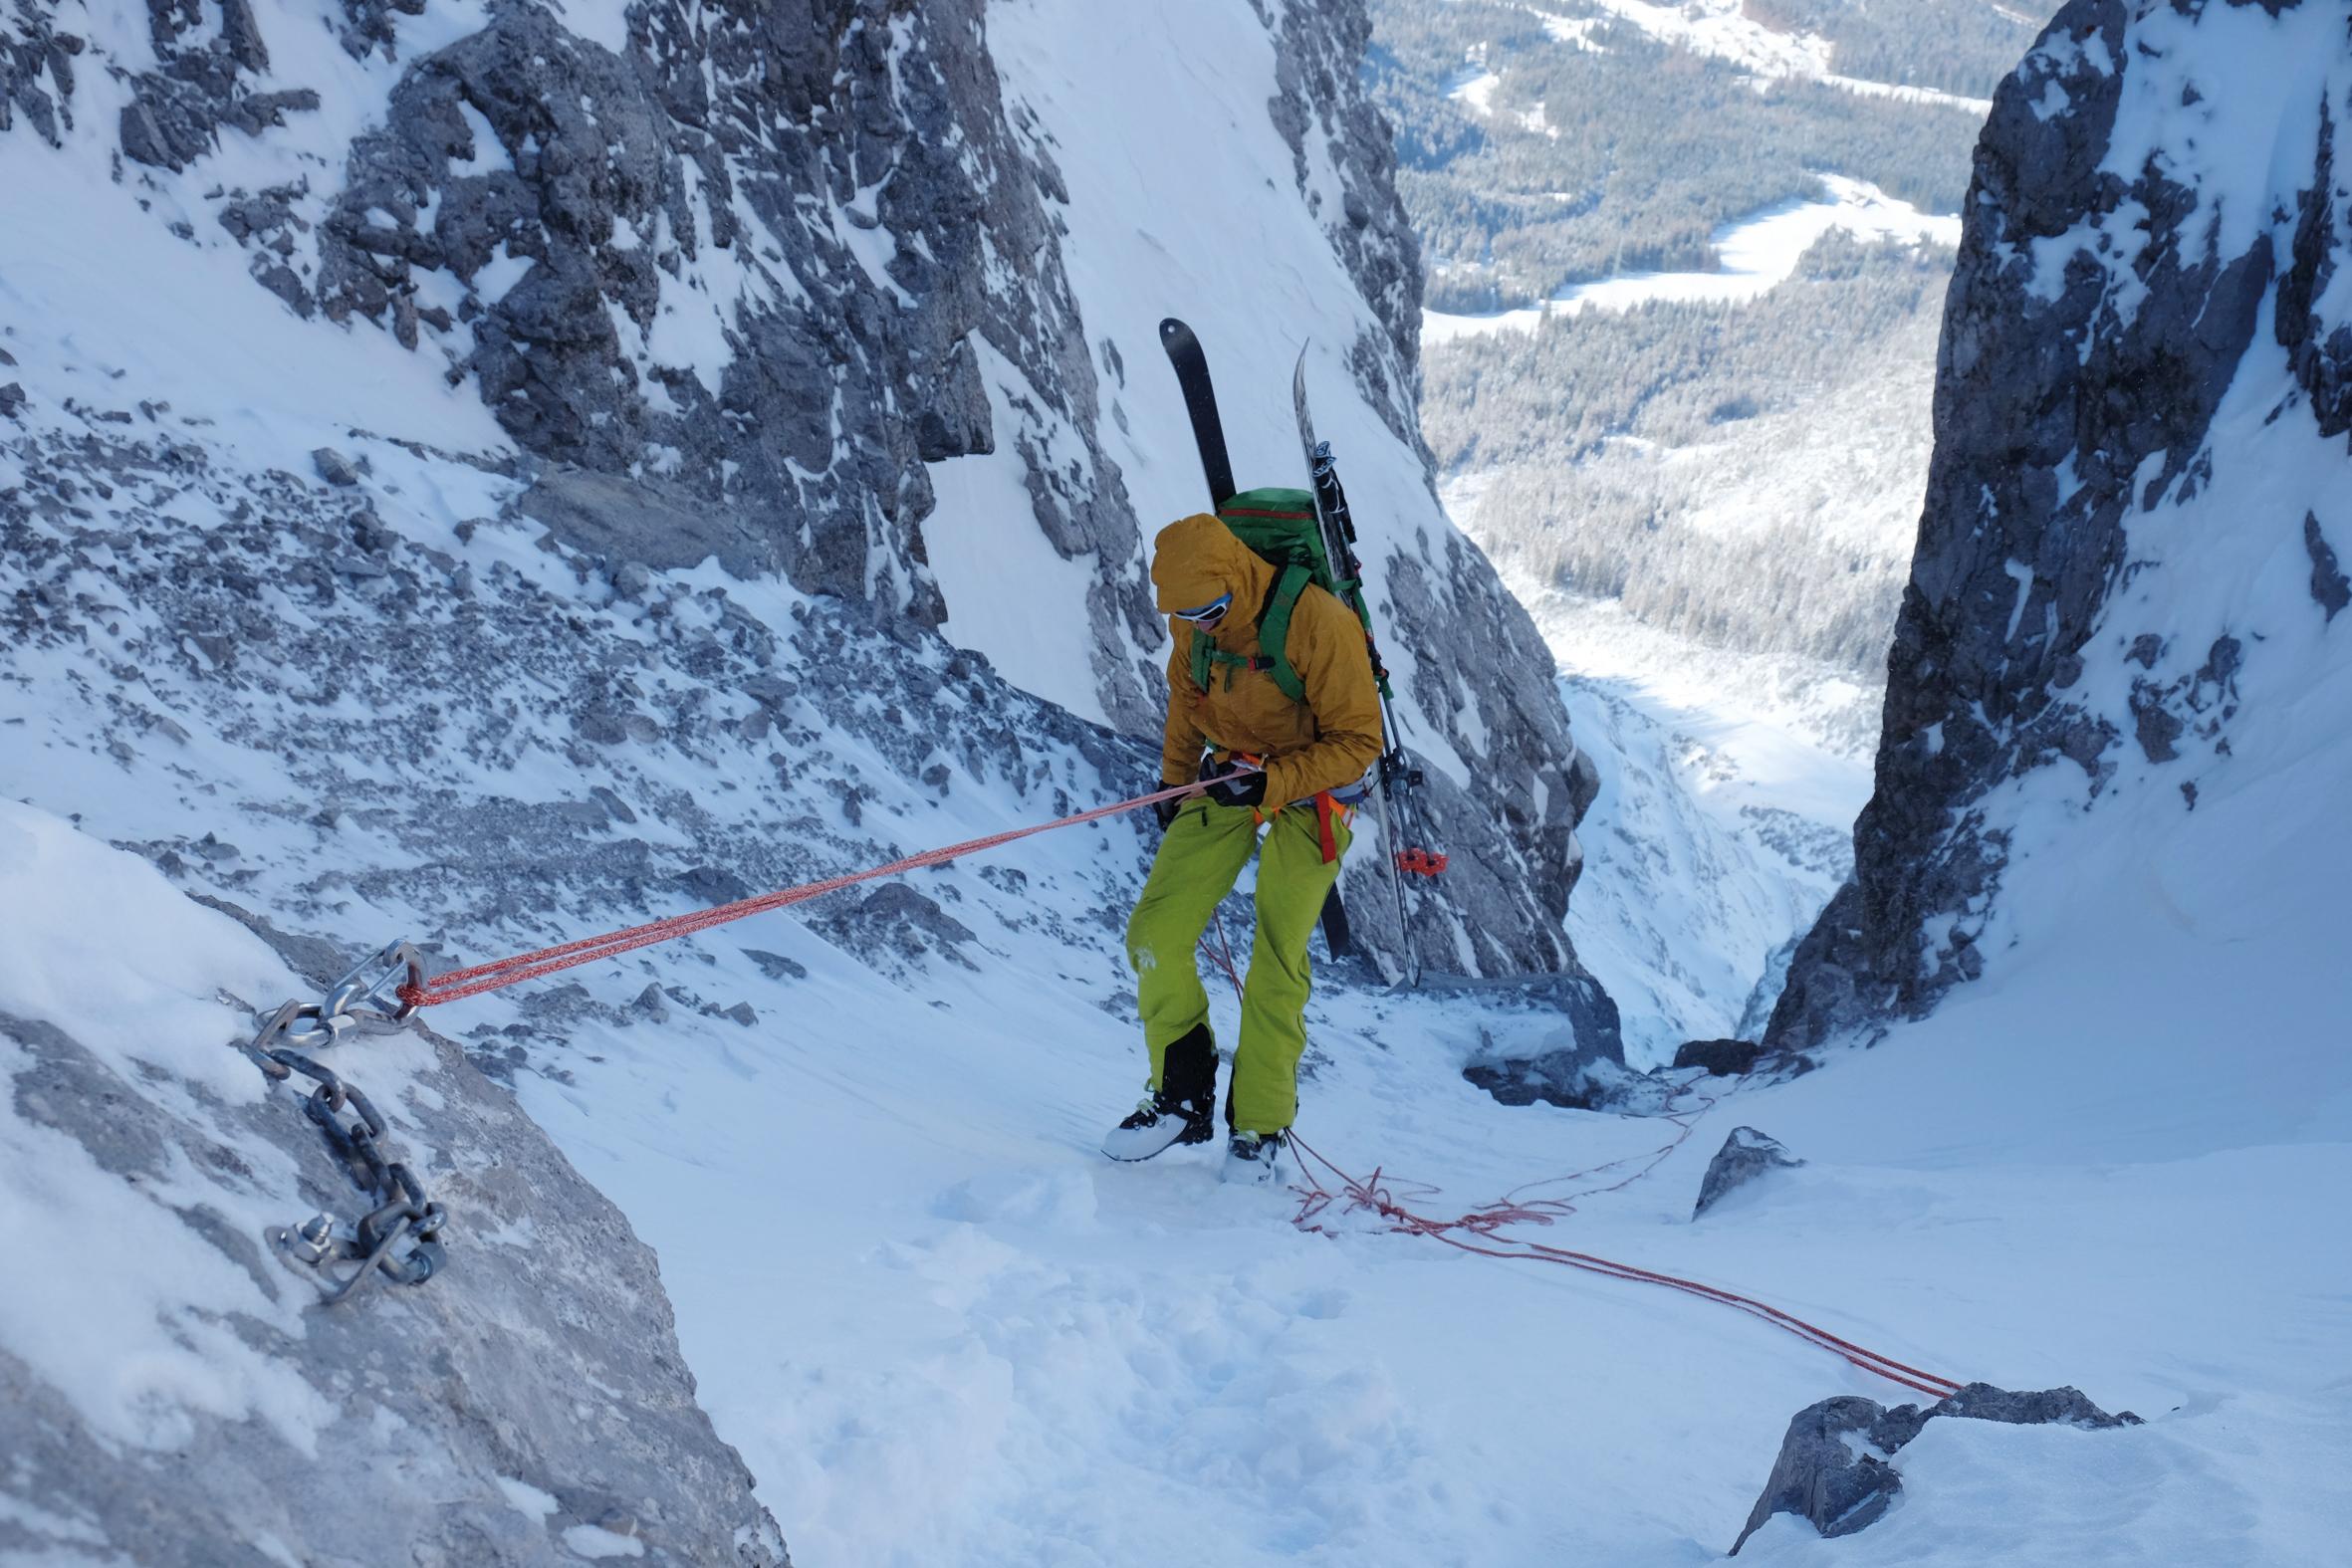 Klettergurt Skitour : Minimalistisch: sieben leichte gurte im test